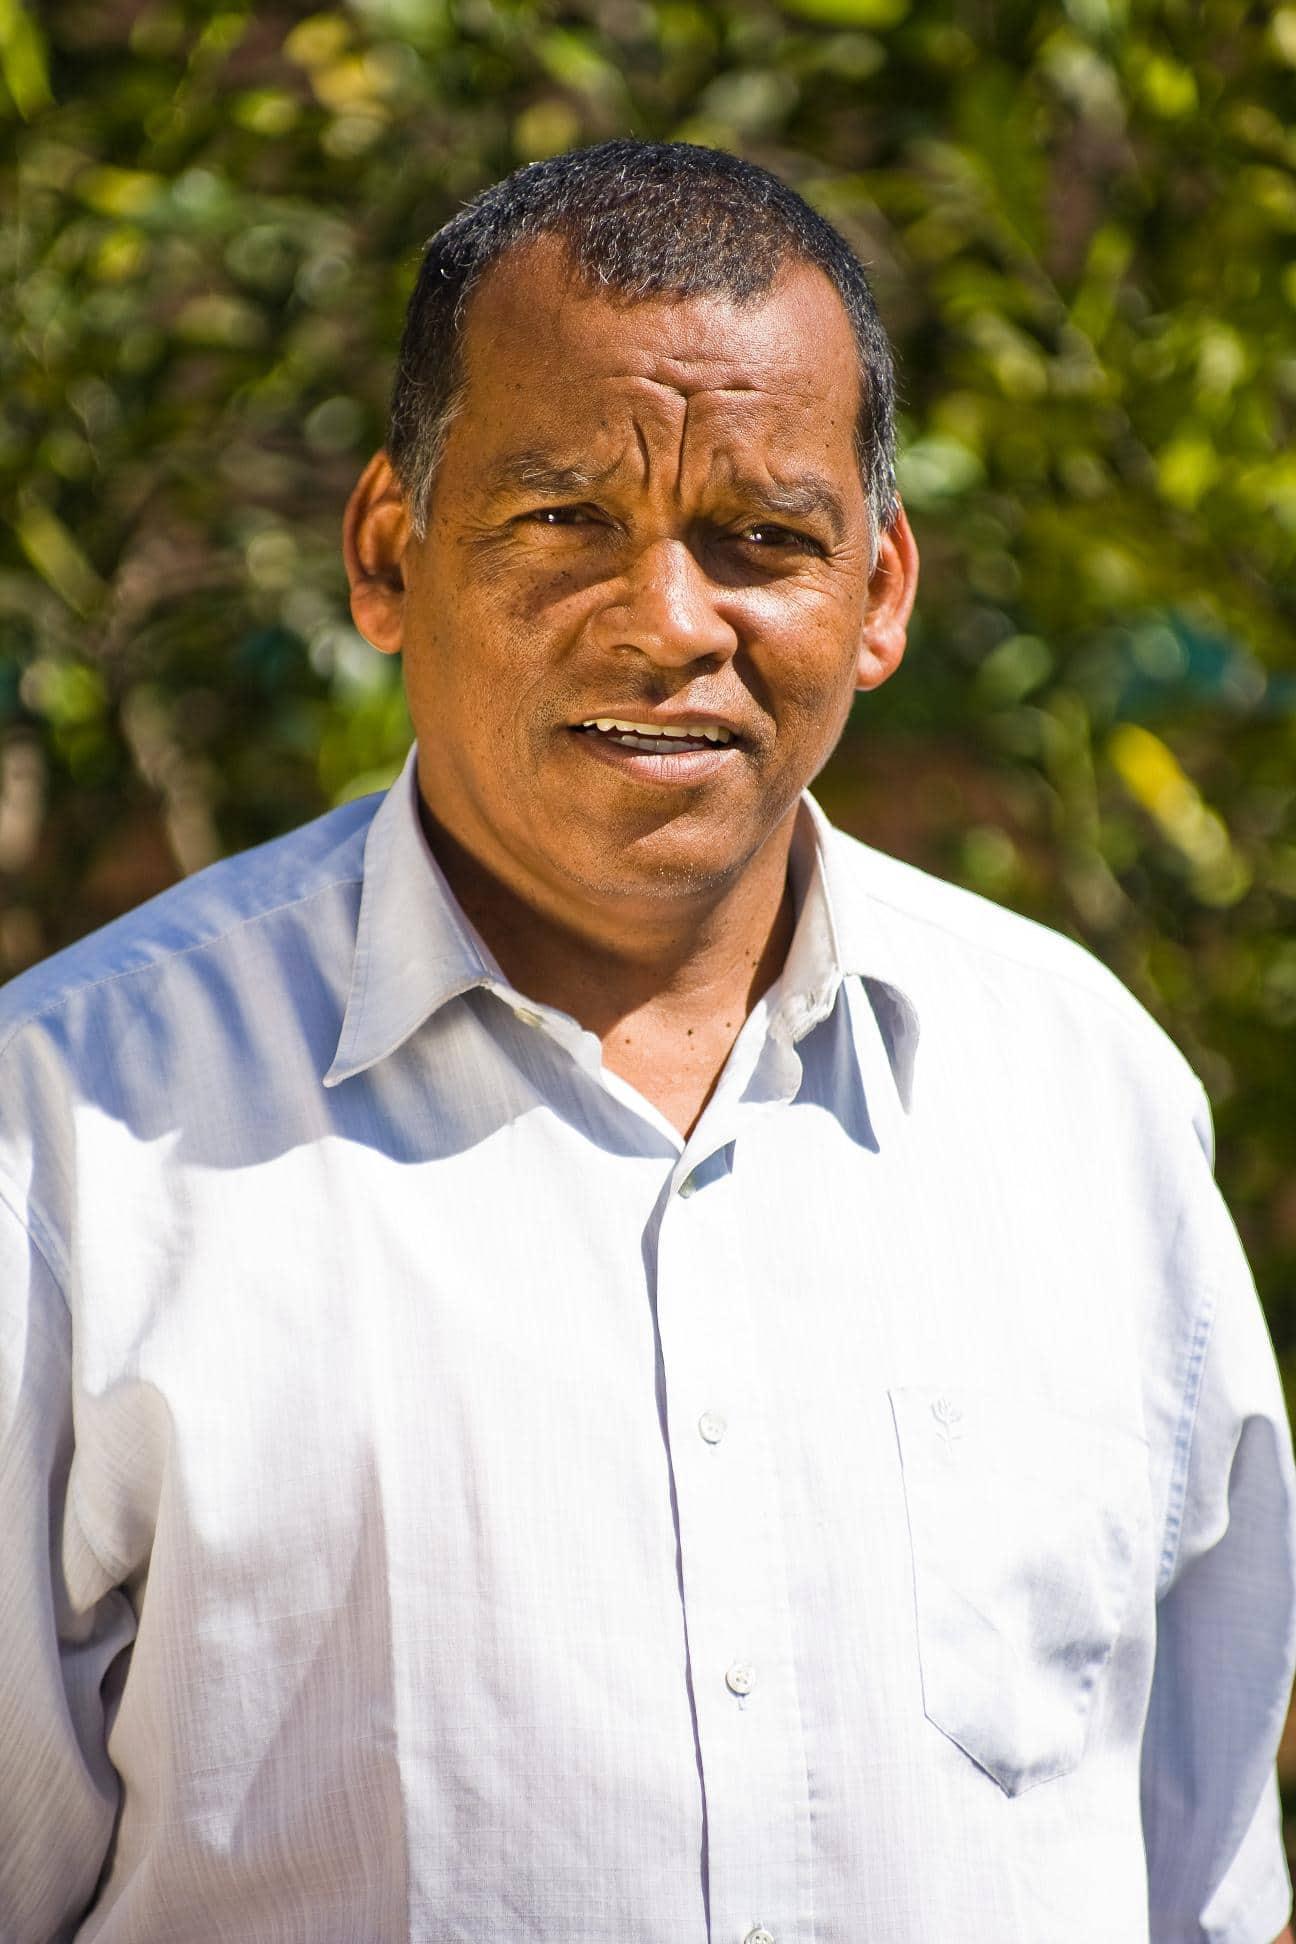 Entretien avec Mamy Rajohanesa,  président de l'Association pour le progrès  des paysans (Fifata) à Madagascar